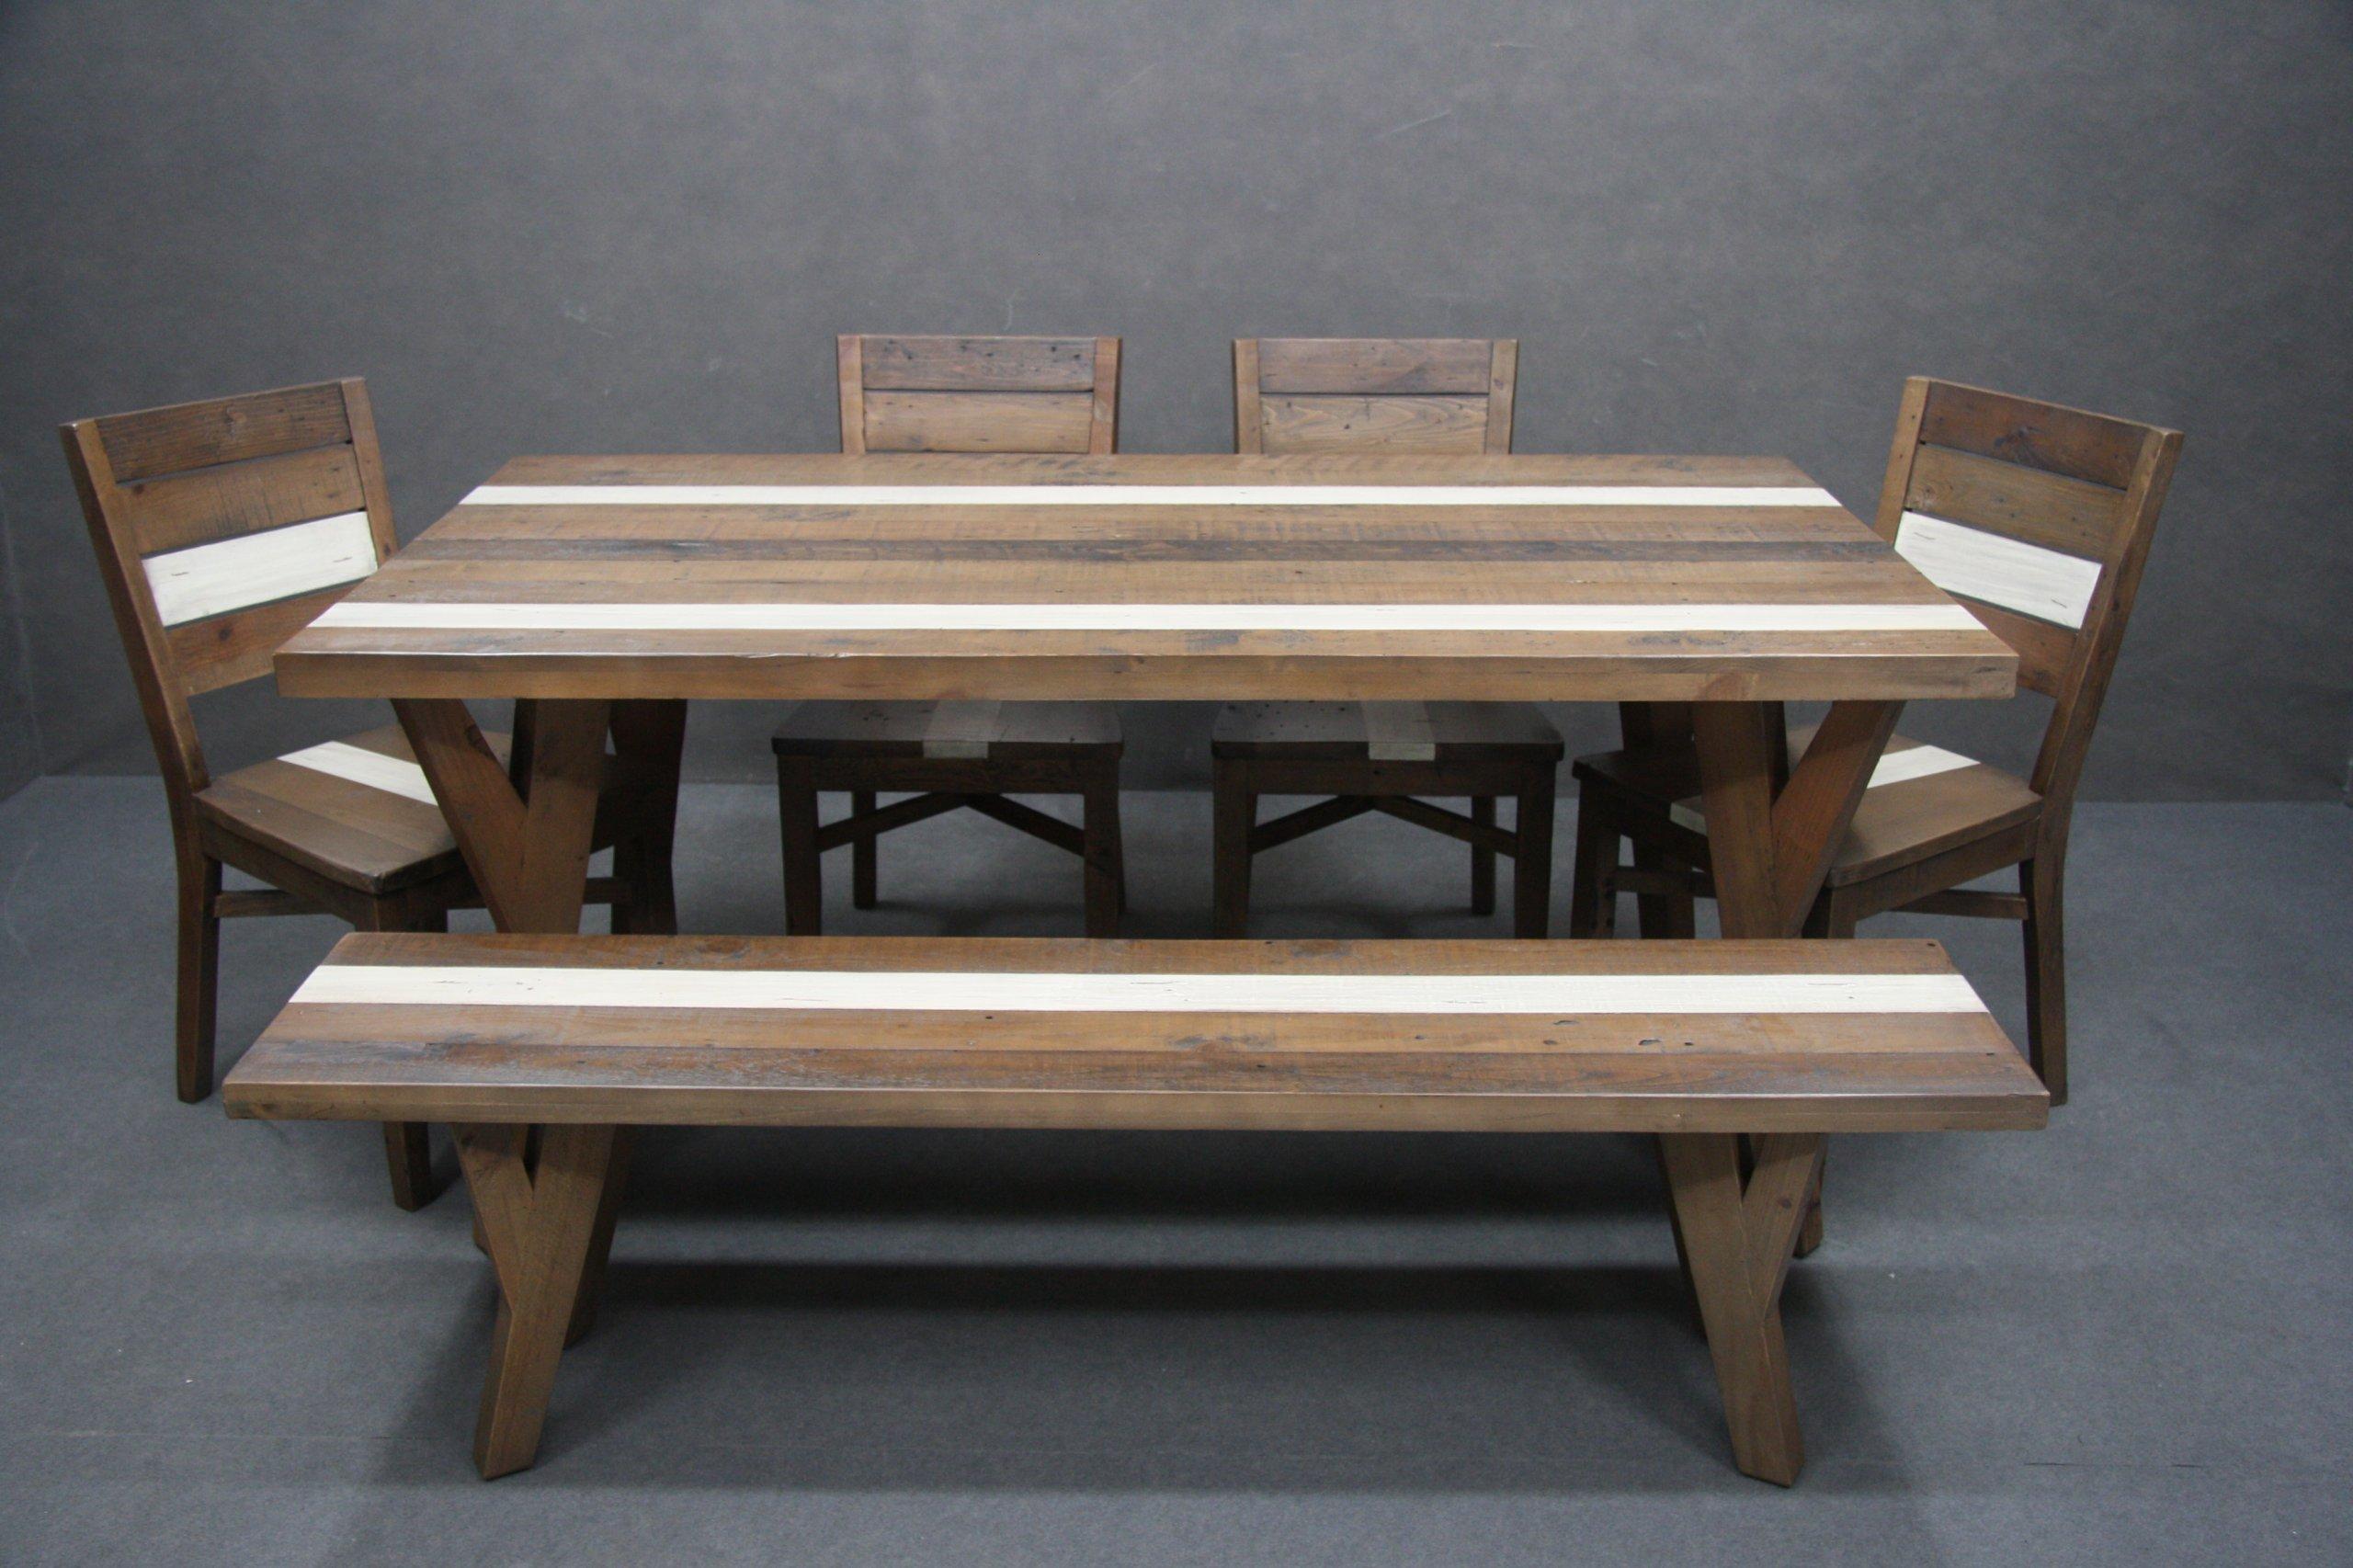 Tabuľka nastavenia, 4 stoličky, Lavice Lite Dreva ROČNÍK